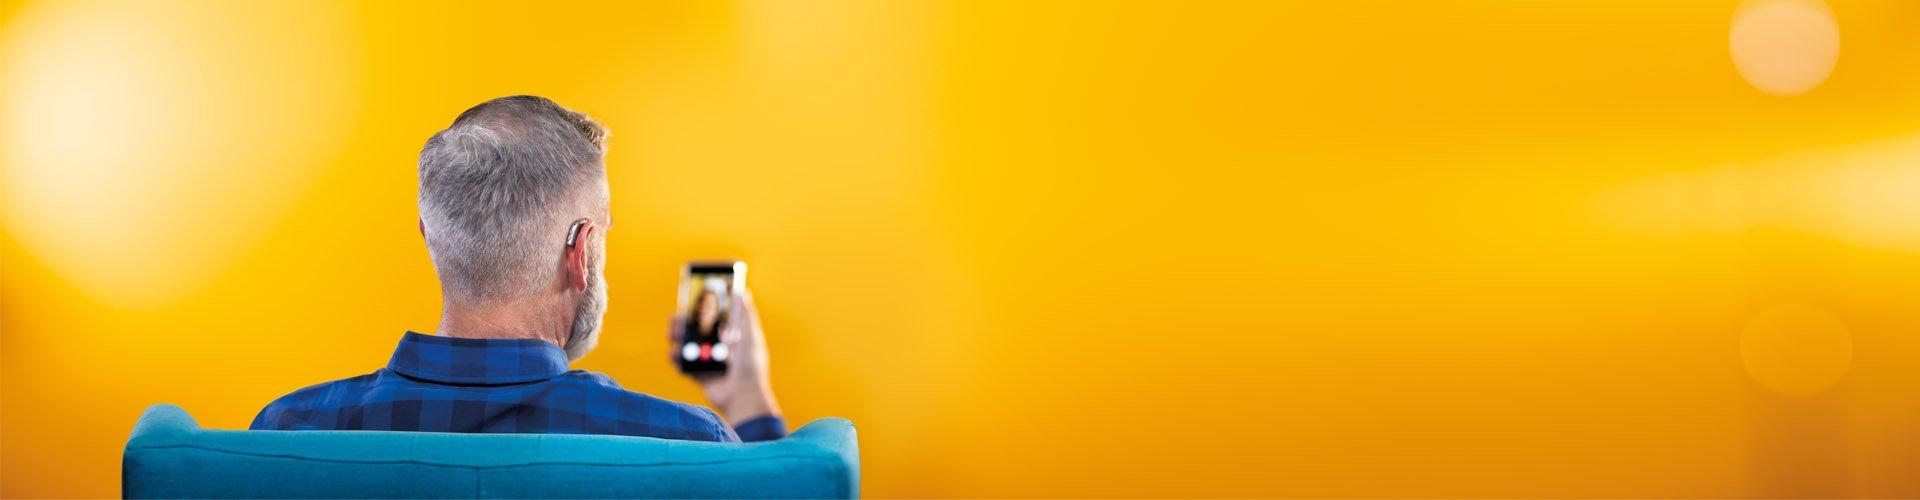 Vidutinio amžiaus vyras naudoja savo išmanujį telefoną kartu su savo Philips Hearlink klausos aparatais, kad galėtų atlikti video skambutį draugams.